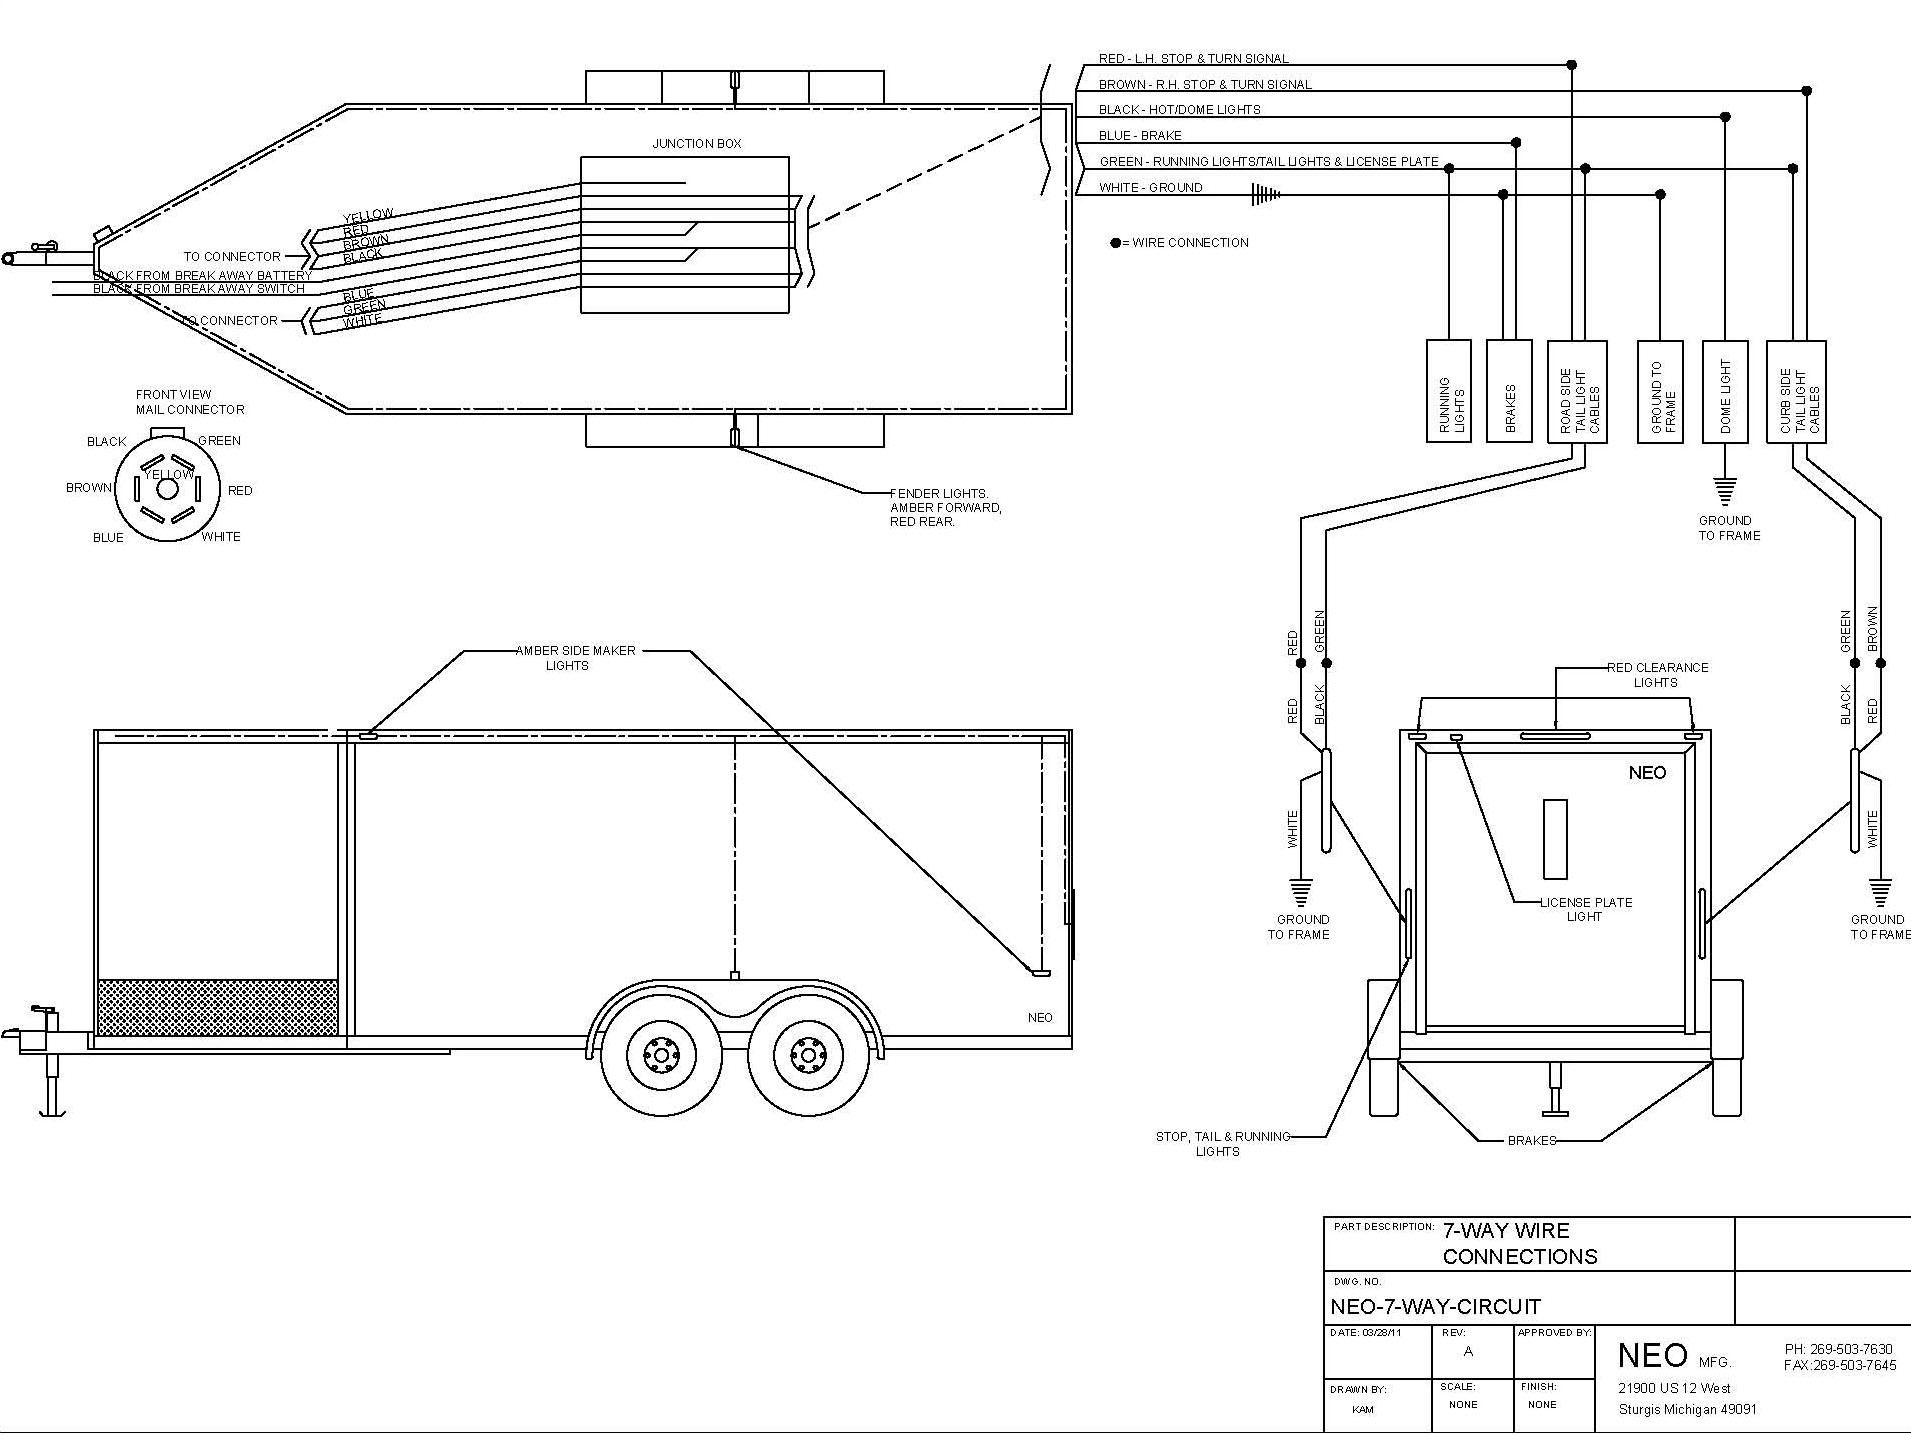 2001 Kz1000 Wiring Diagram Electrical Diagrams Klr 650 Kawasaki Source 78 400b 1977 K Z